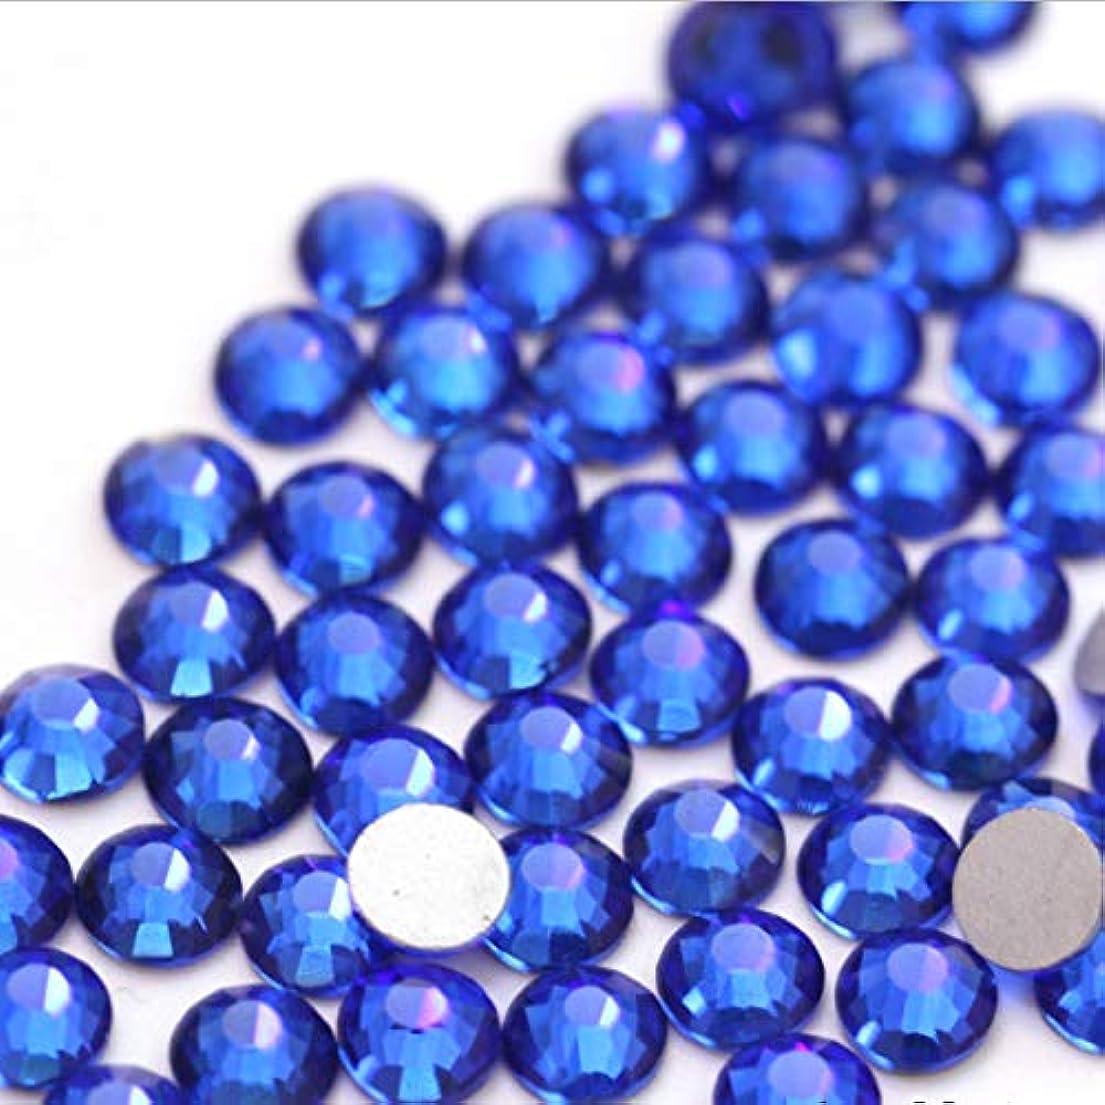 ヒントバストペレット高品質ガラス製ラインストーン サファイア スワロフスキー同等 (4.0mm (SS16) 約1440粒)【ラインストーン77】